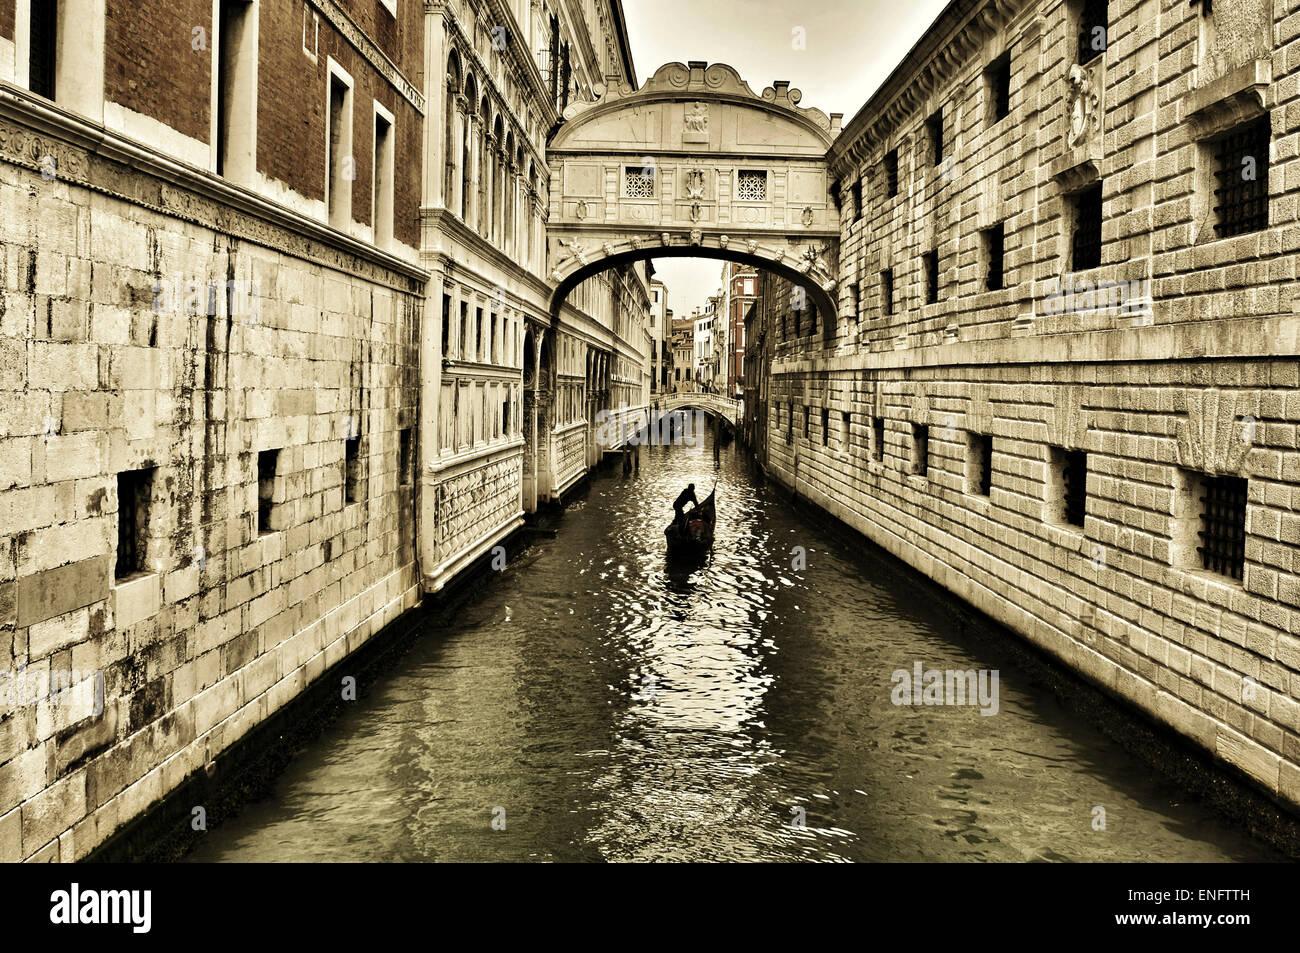 Una vista del Puente de los suspiros en Venecia, Italia Imagen De Stock